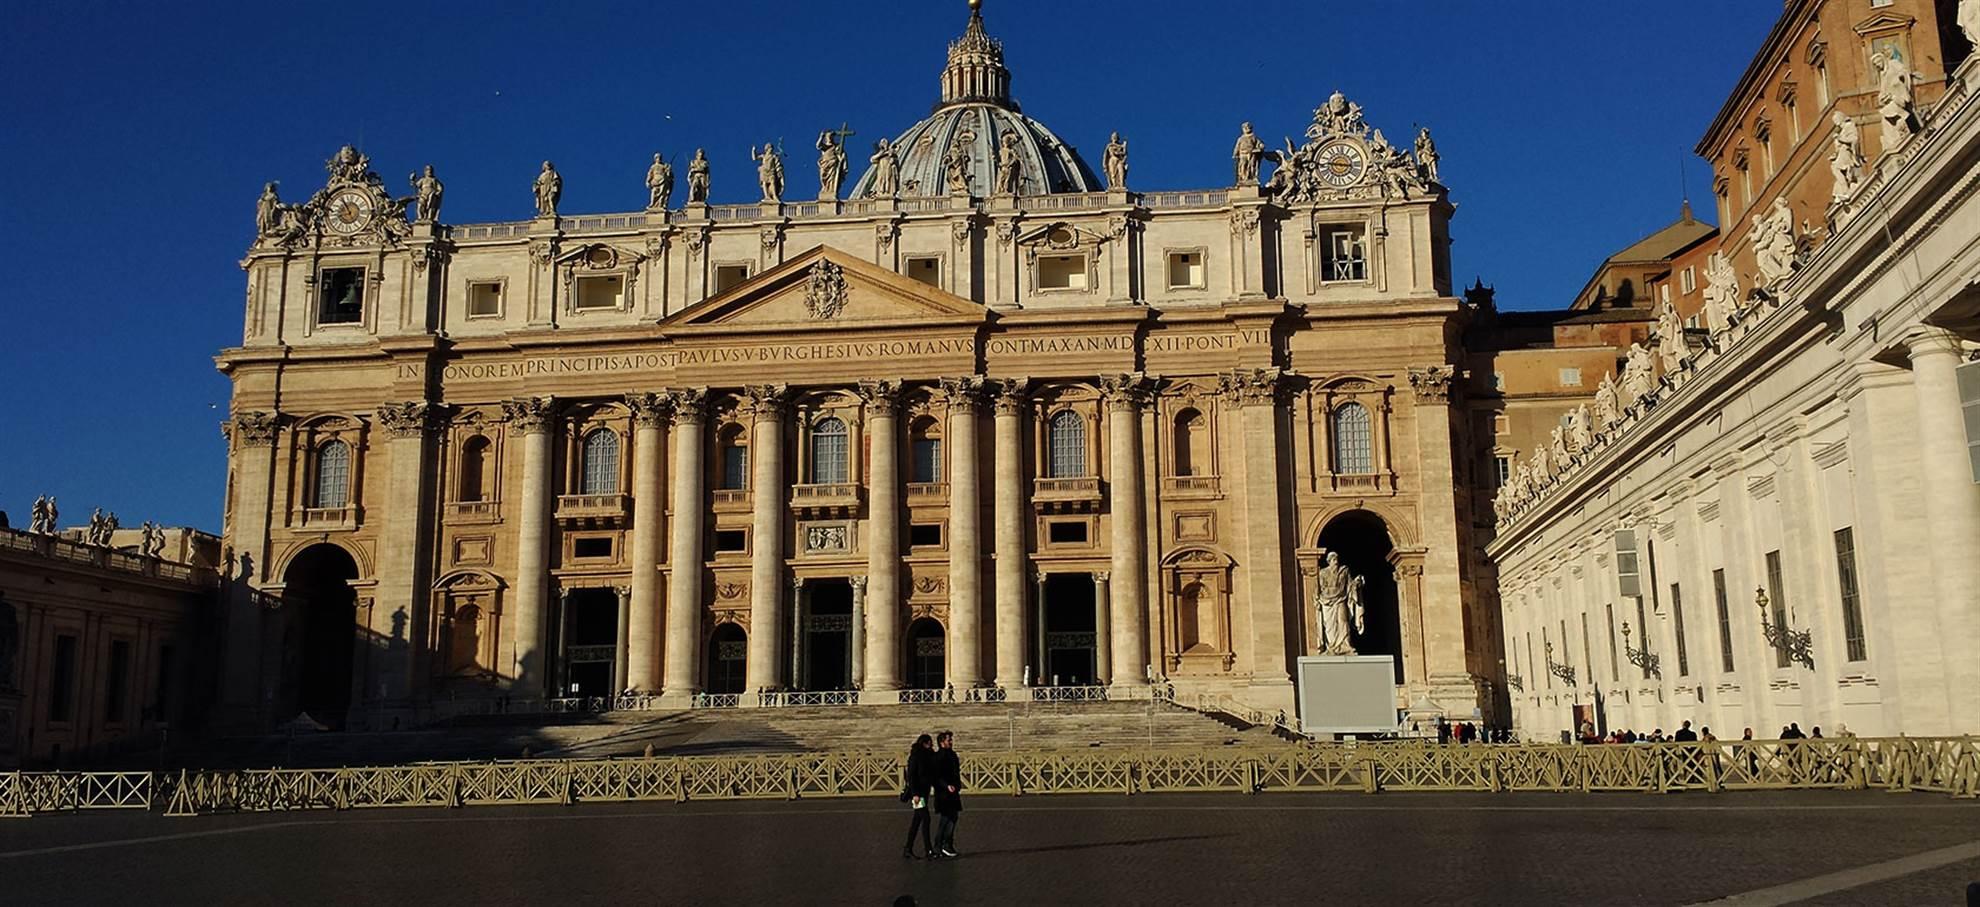 Musei Vaticani e Cappella Sistina il venerdì sera